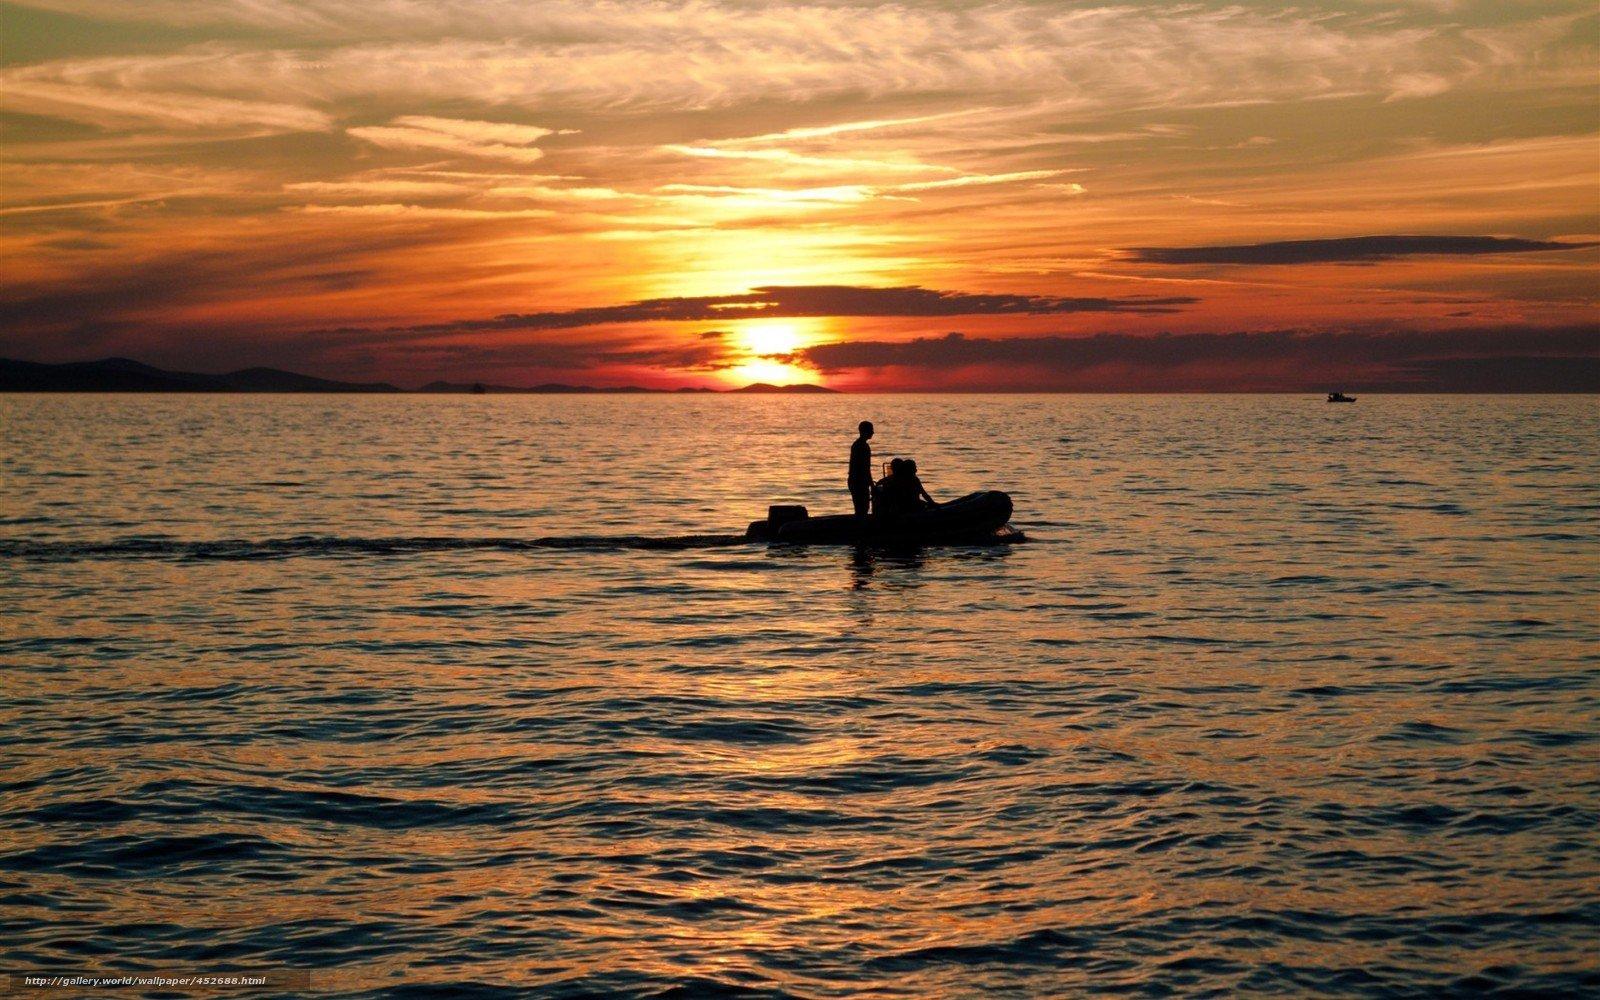 Жителя Сахалина задержали при попытке уплыть насамодельной лодке вЯпонию